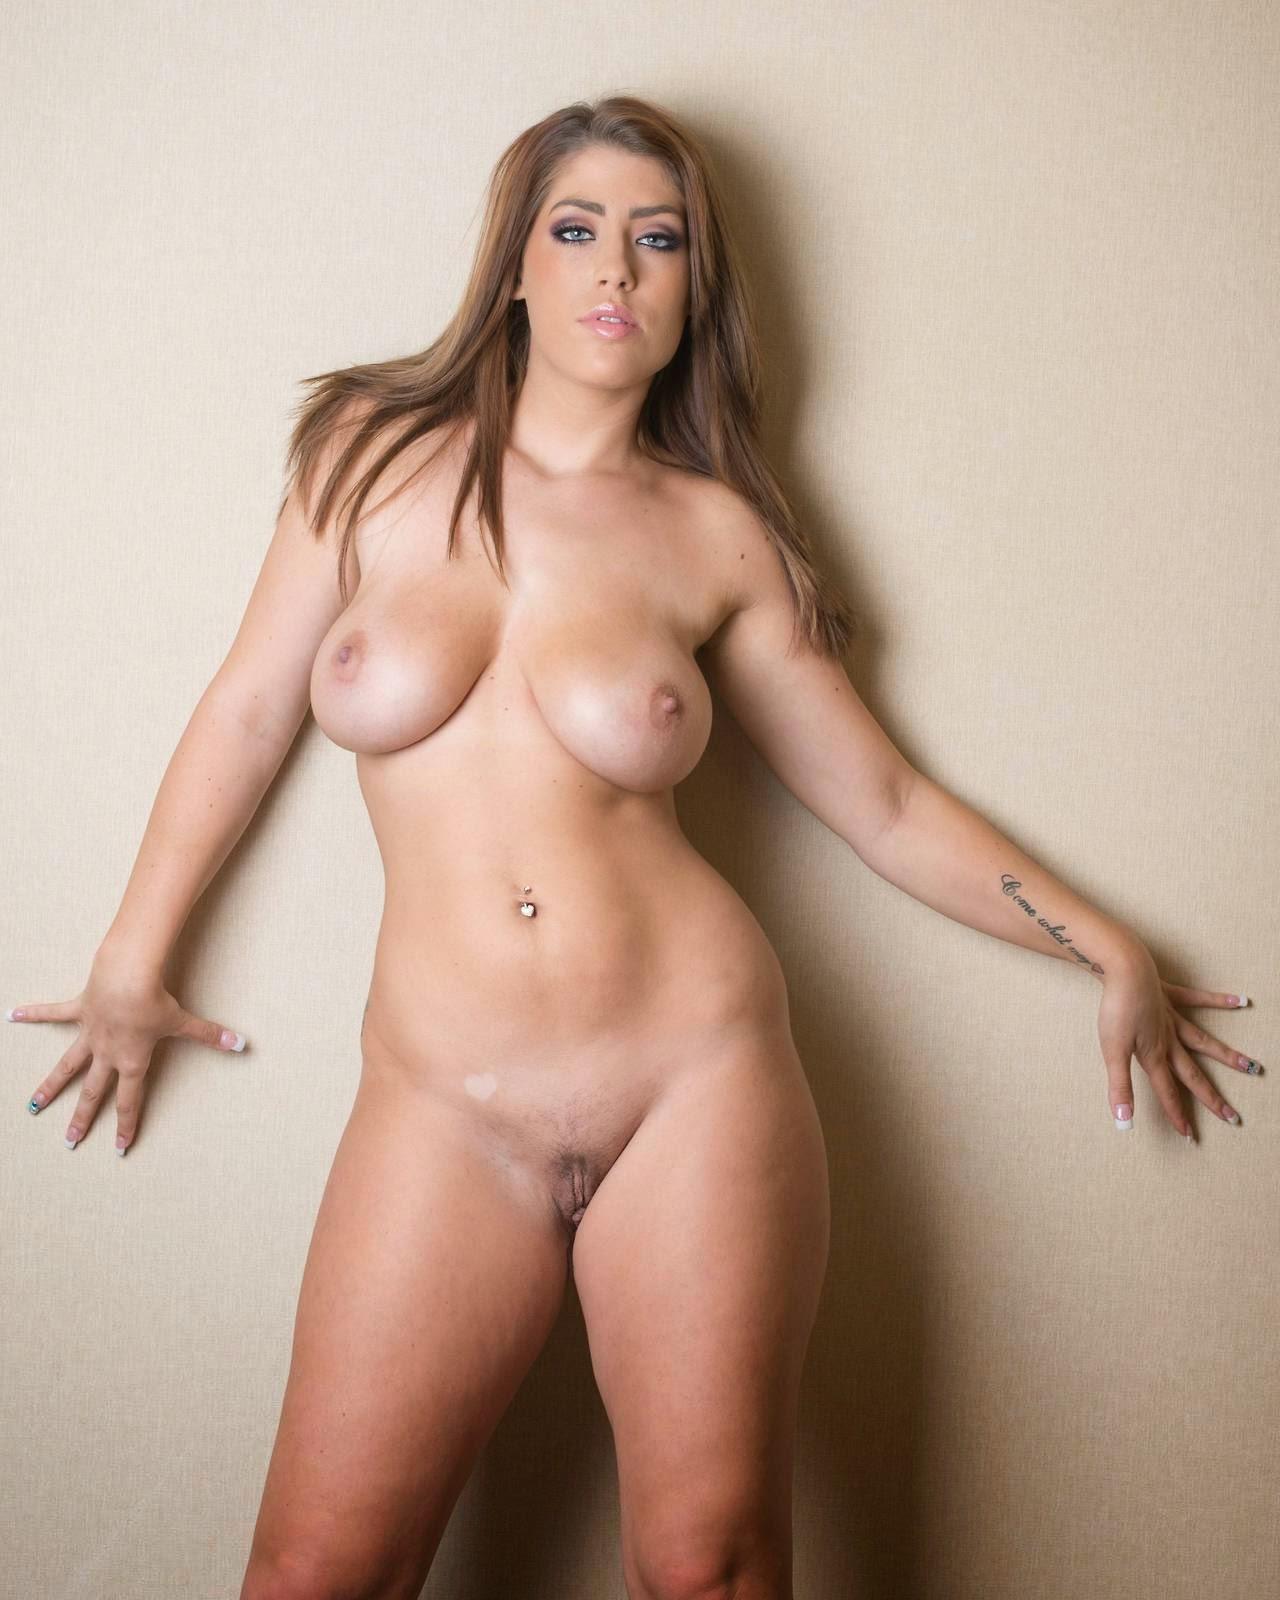 emily jean nude